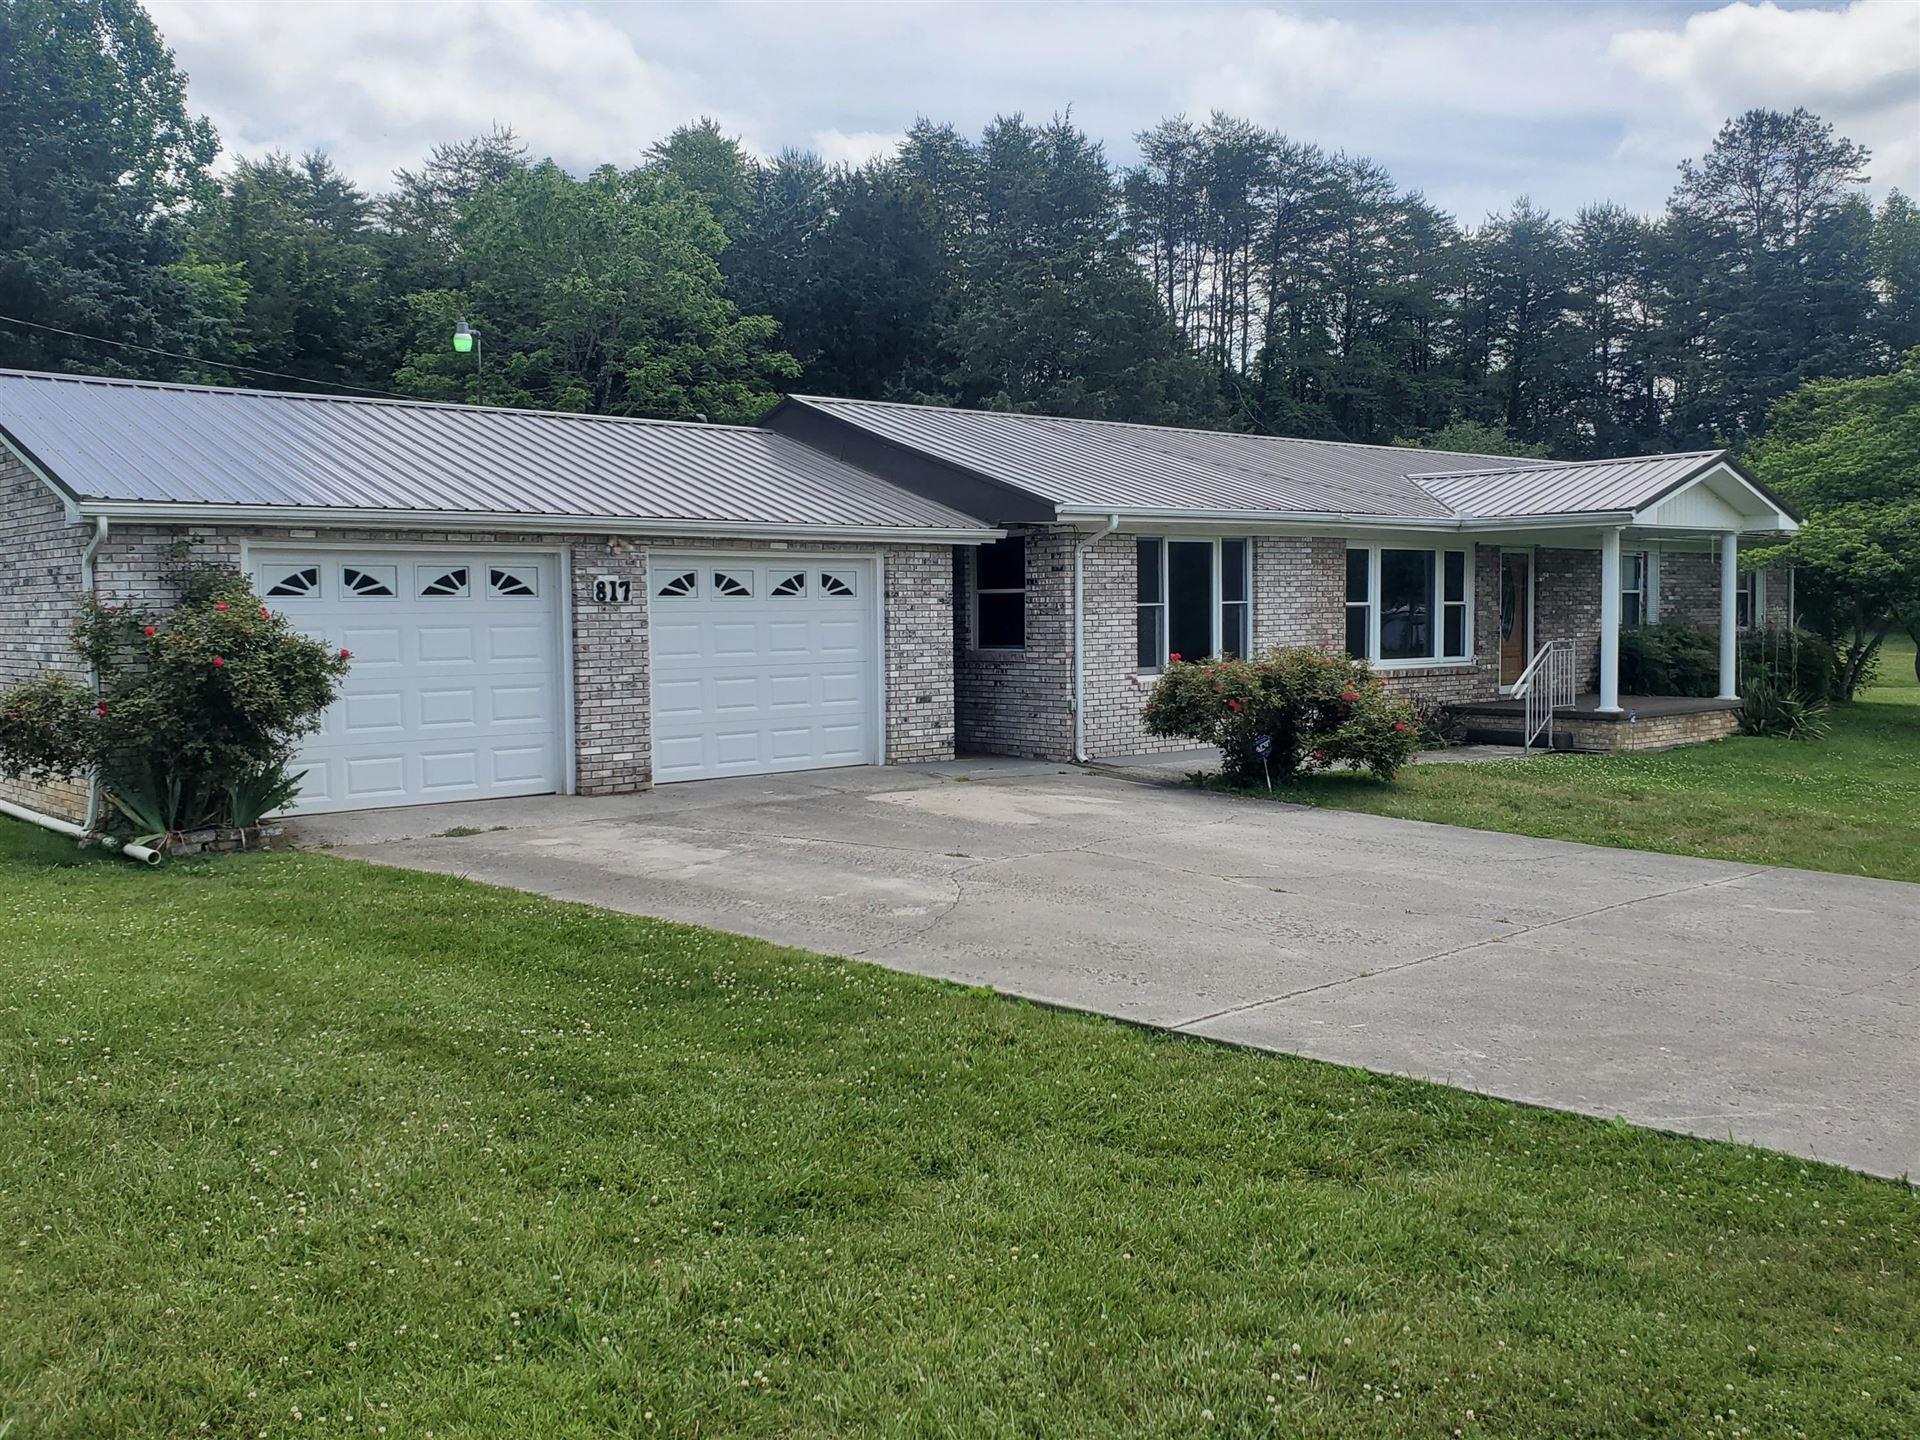 Photo of 817 Hickory Valley Rd, Maynardville, TN 37807 (MLS # 1156409)